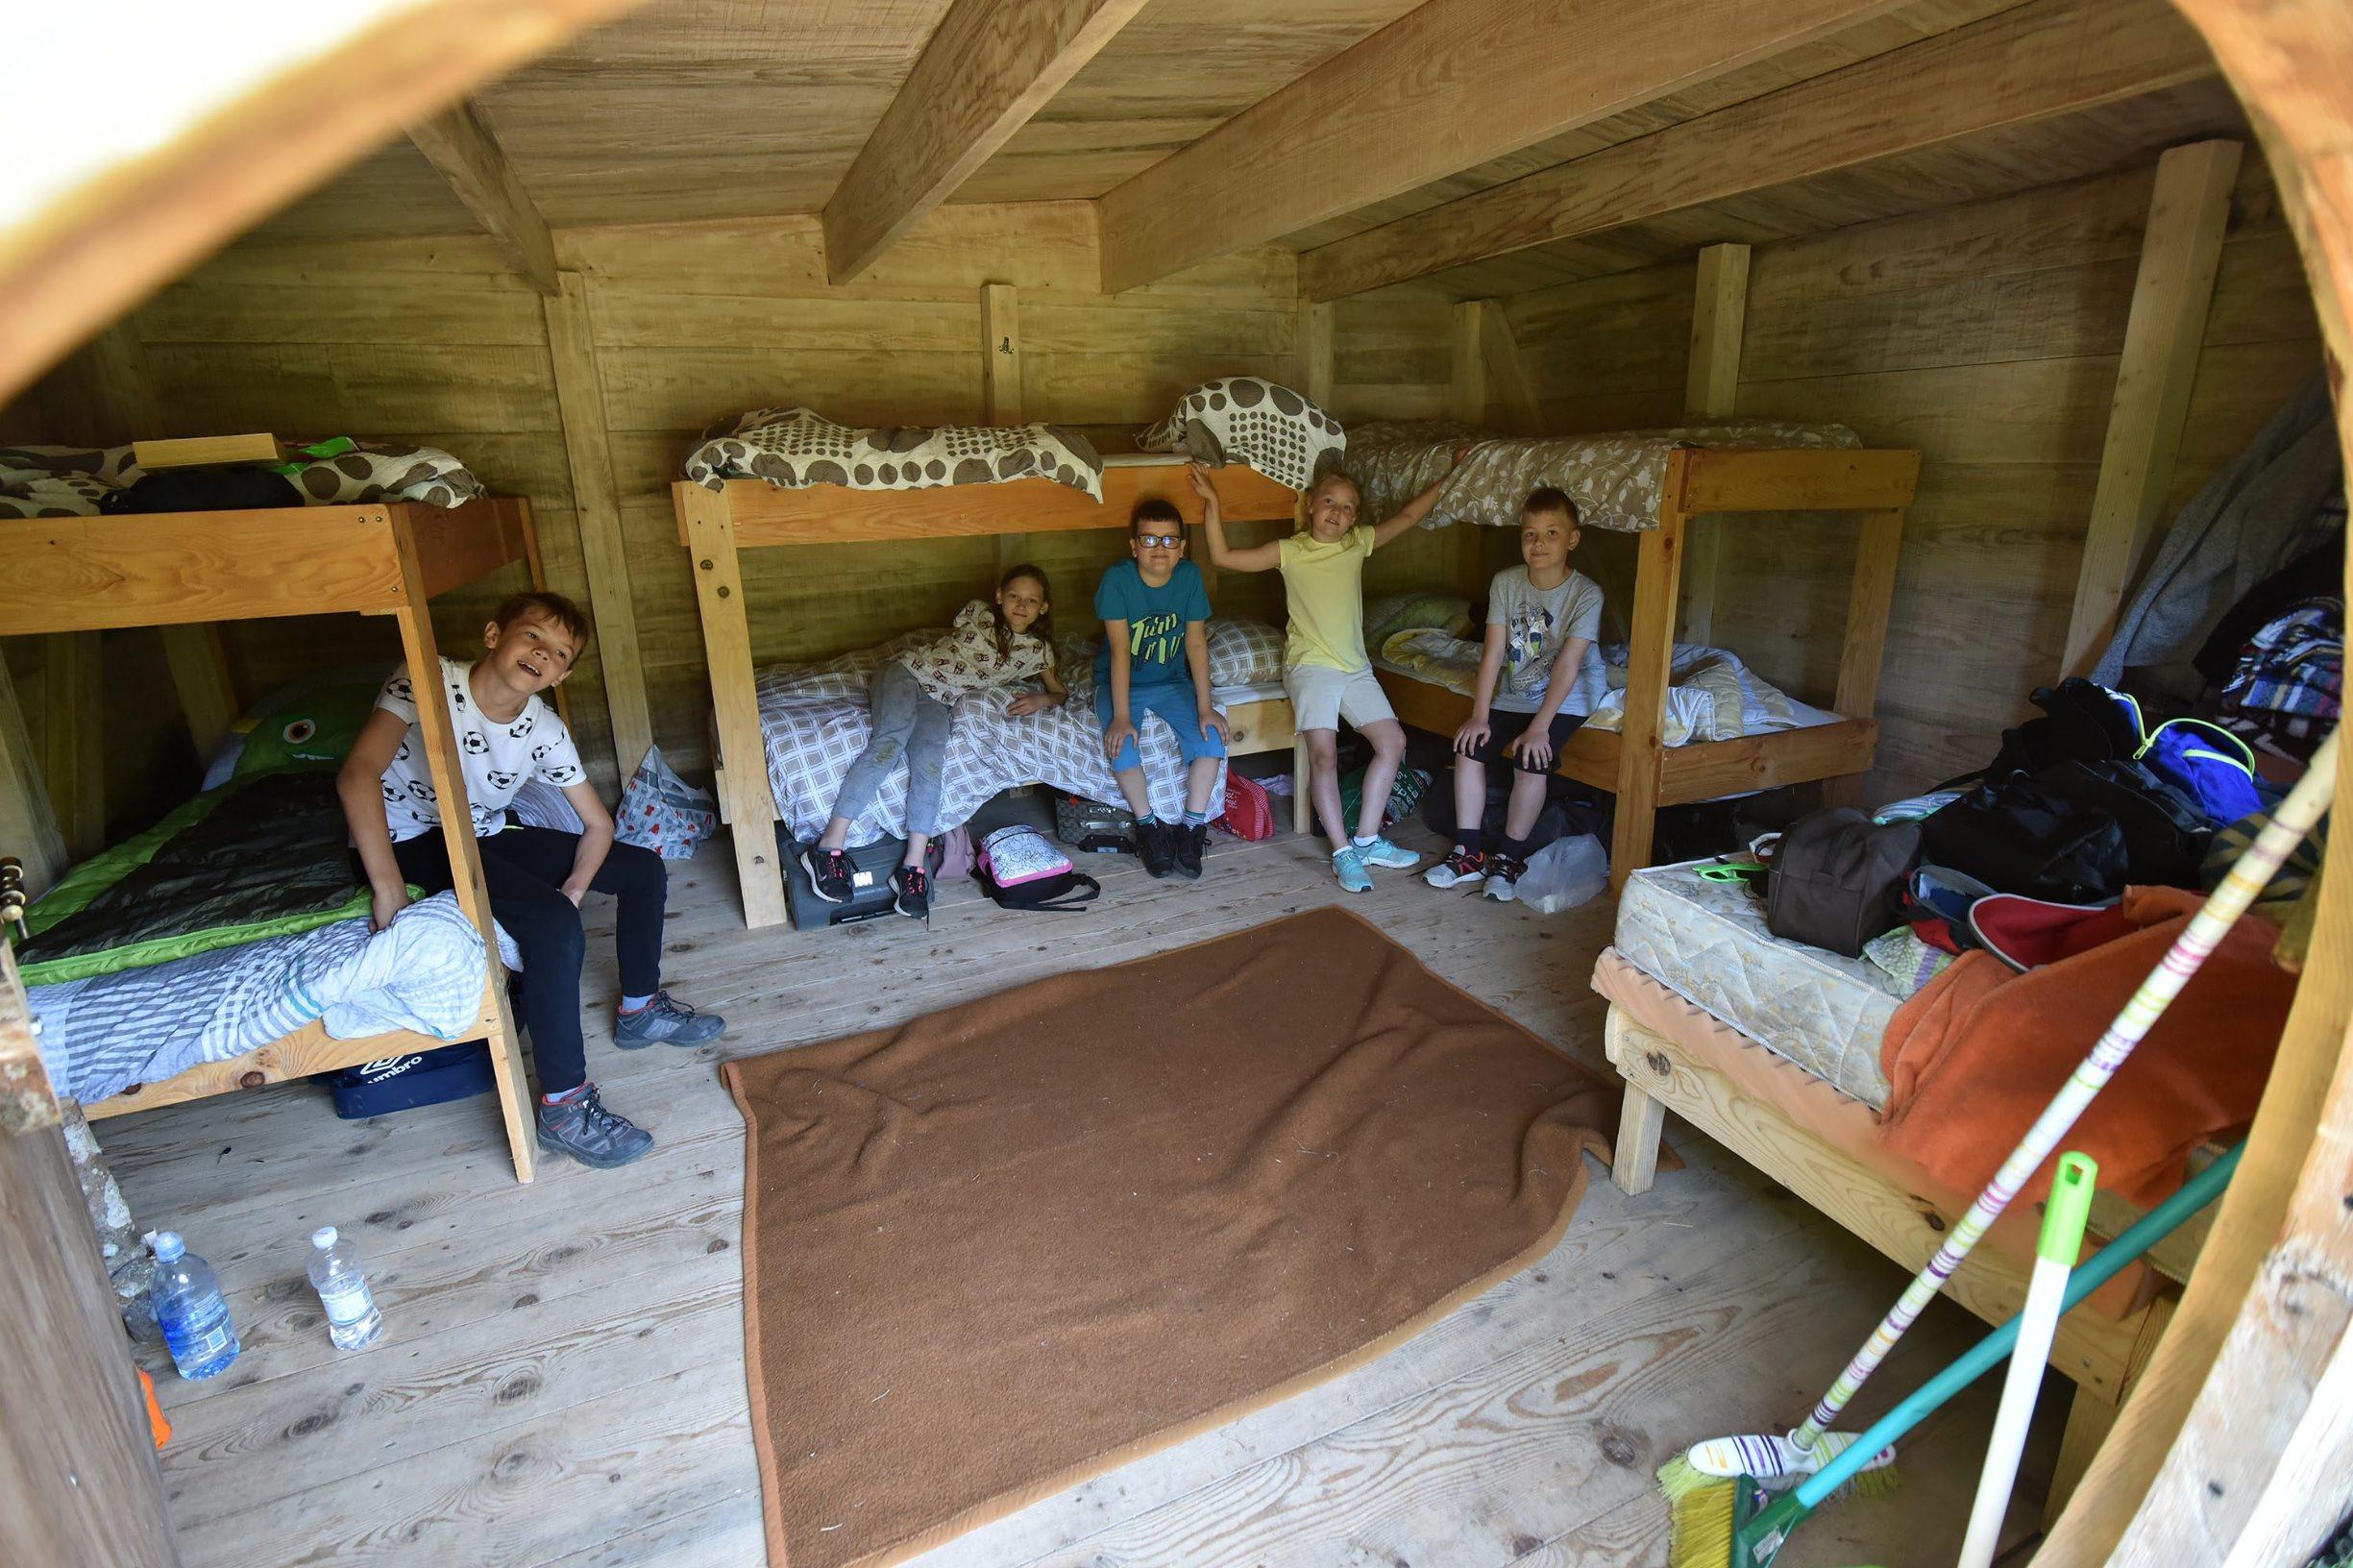 Baske ostarije, 250619. Reportaza iz Kampa Velebit za djecu izvidjace. Foto: Luka Gerlanc / CROPIX